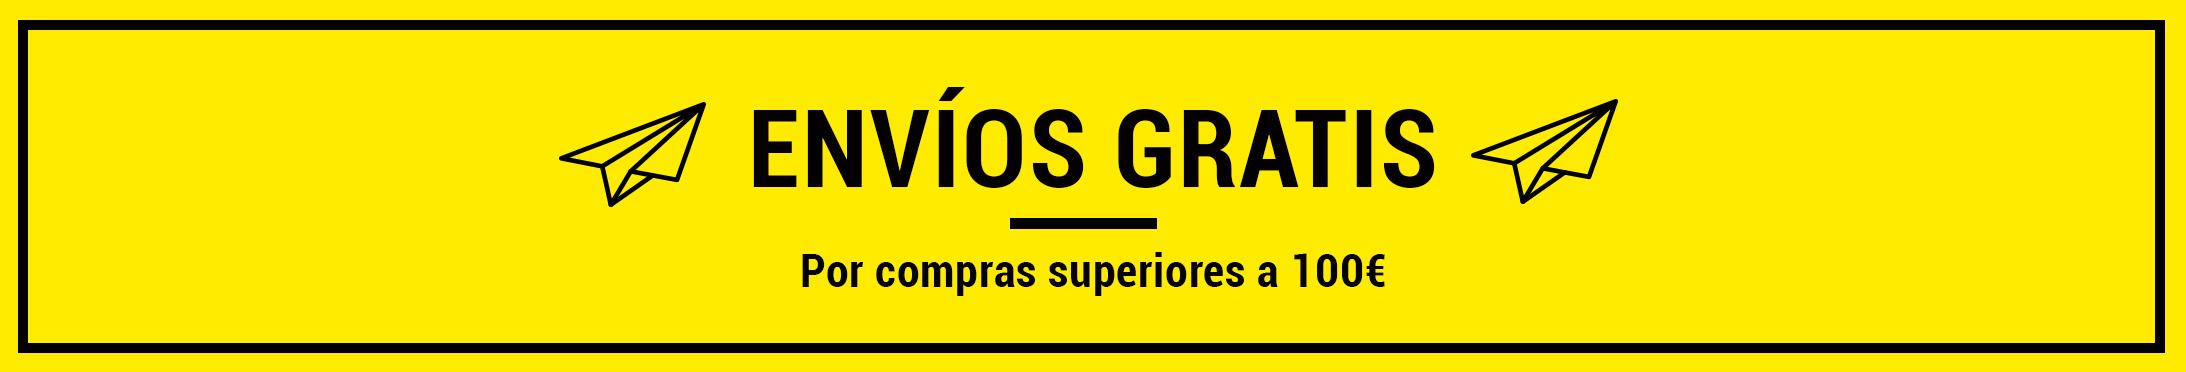 ENVIOS-GRATIS